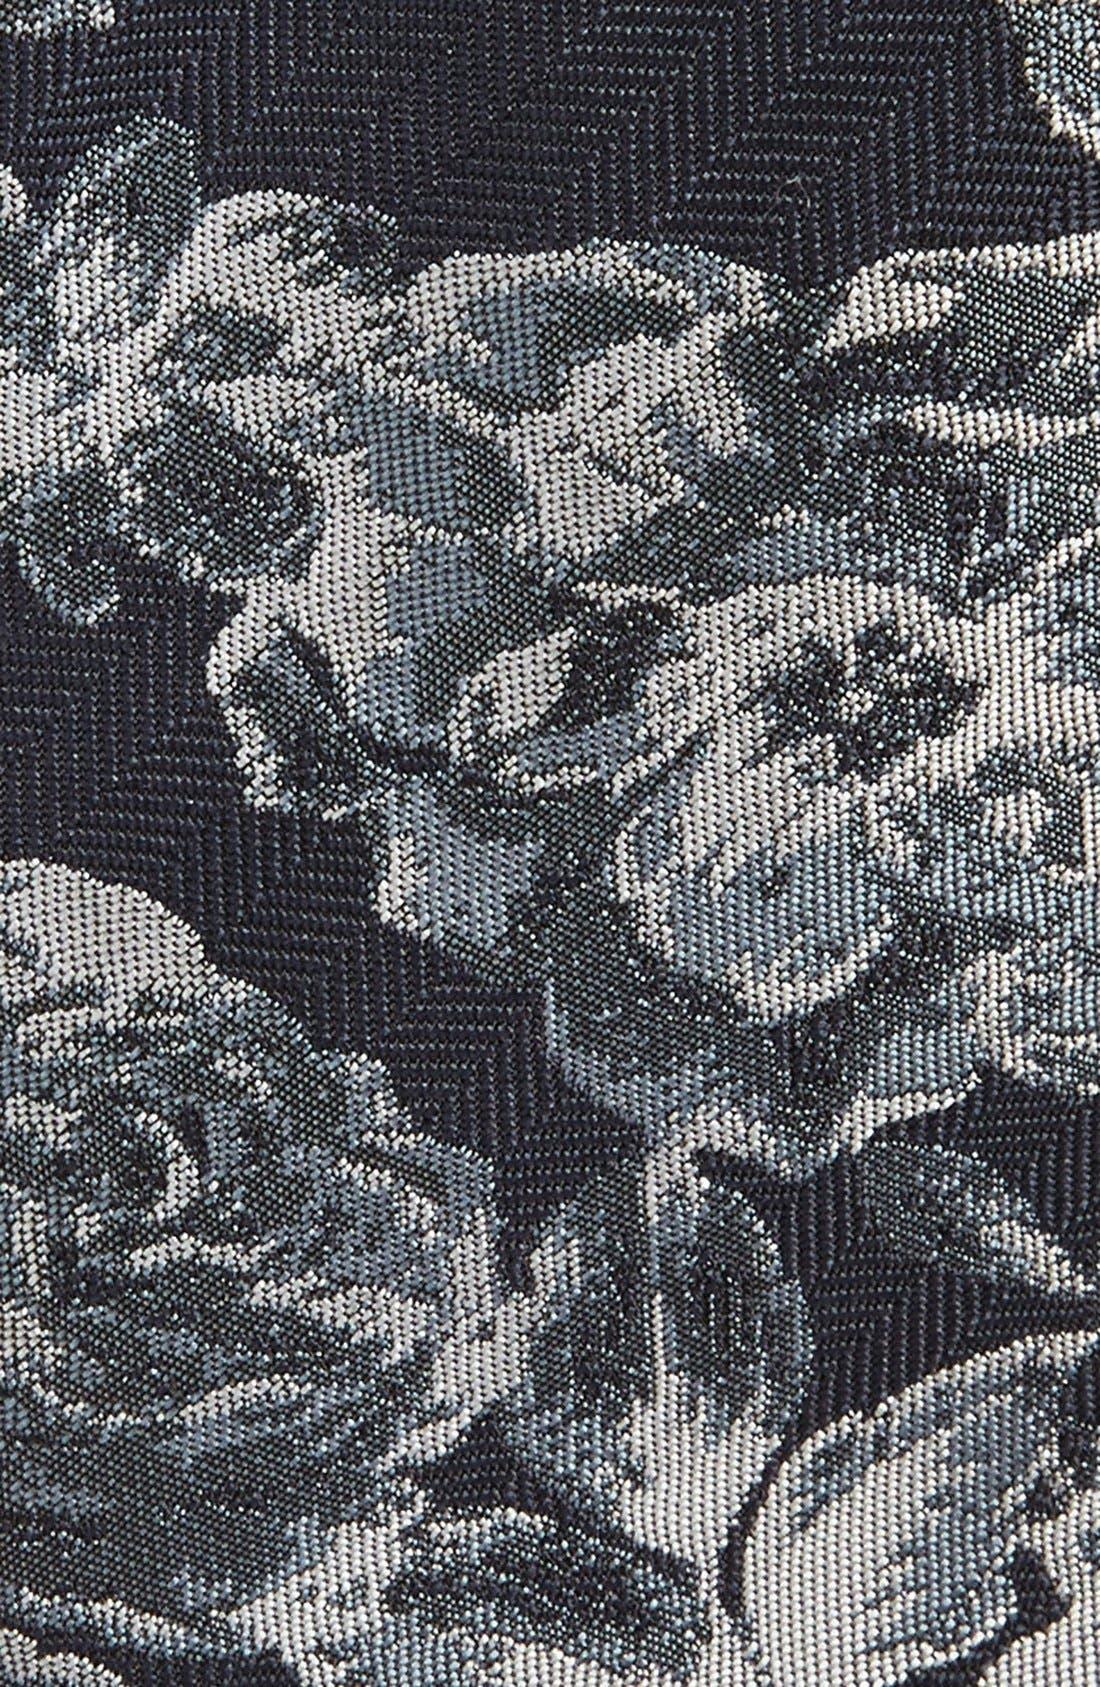 Alternate Image 2  - Topman Slim Floral Woven Tie